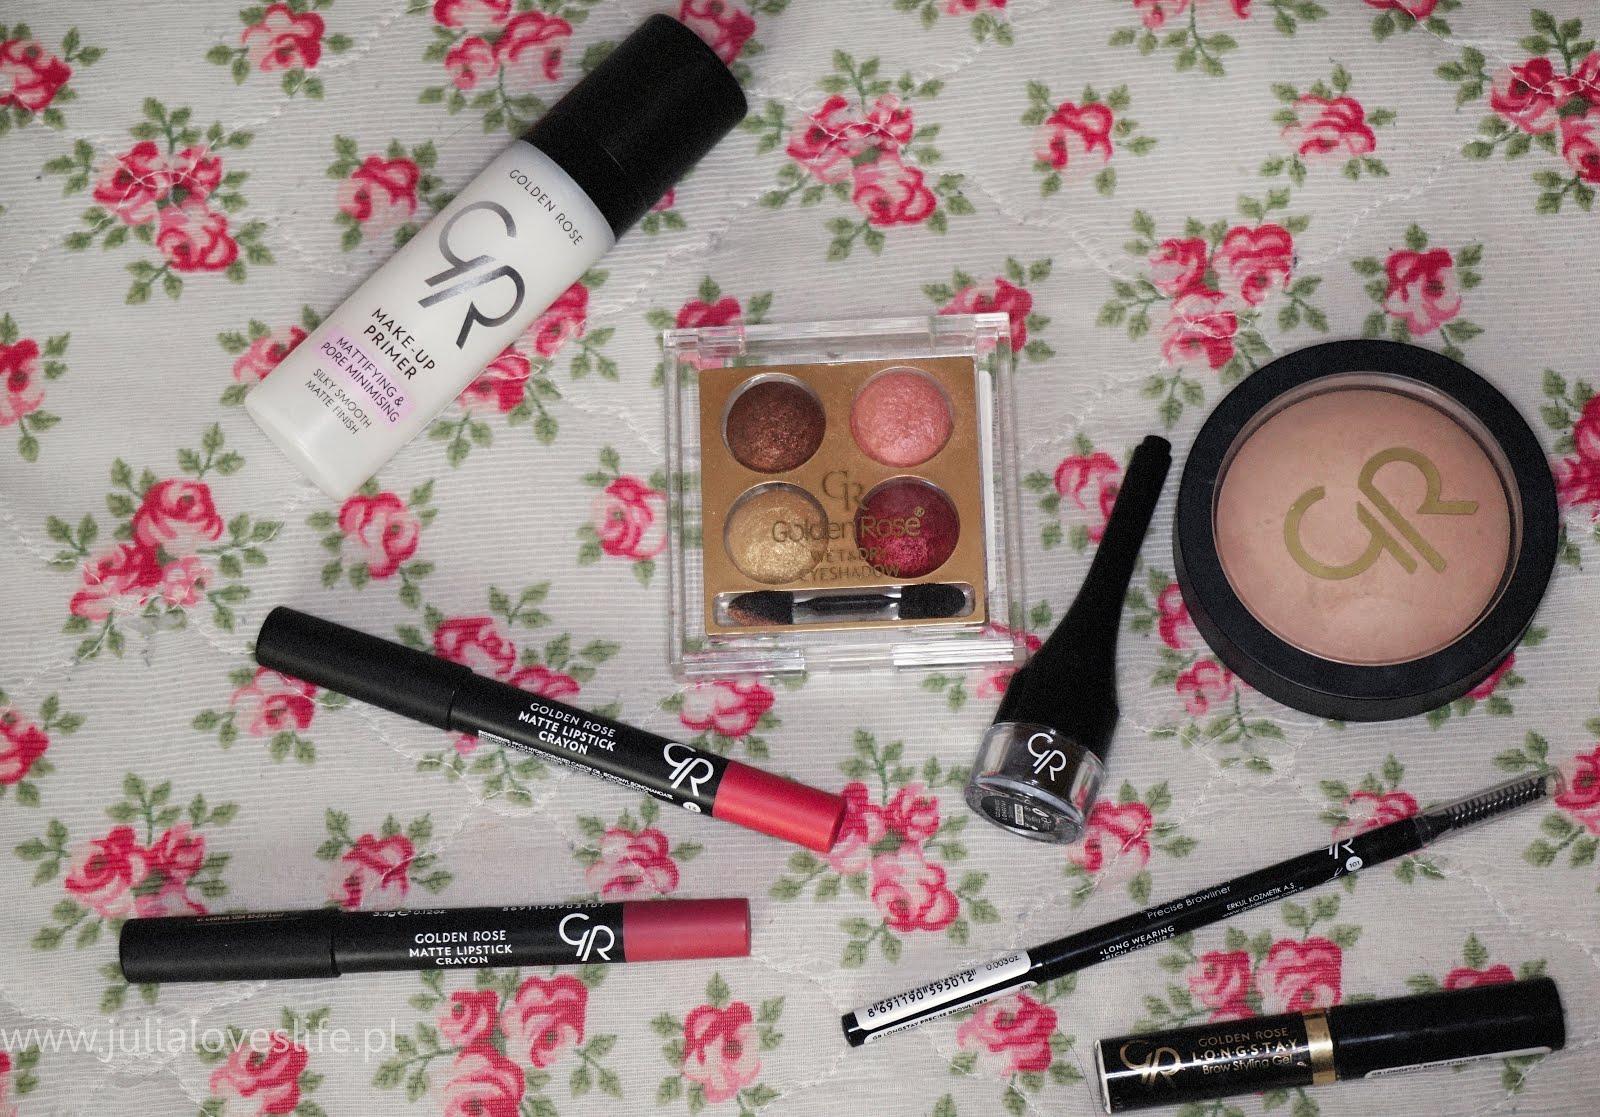 Wielki test kosmetyków Golden Rose | nowości i sprawdzone produkty | makijaż